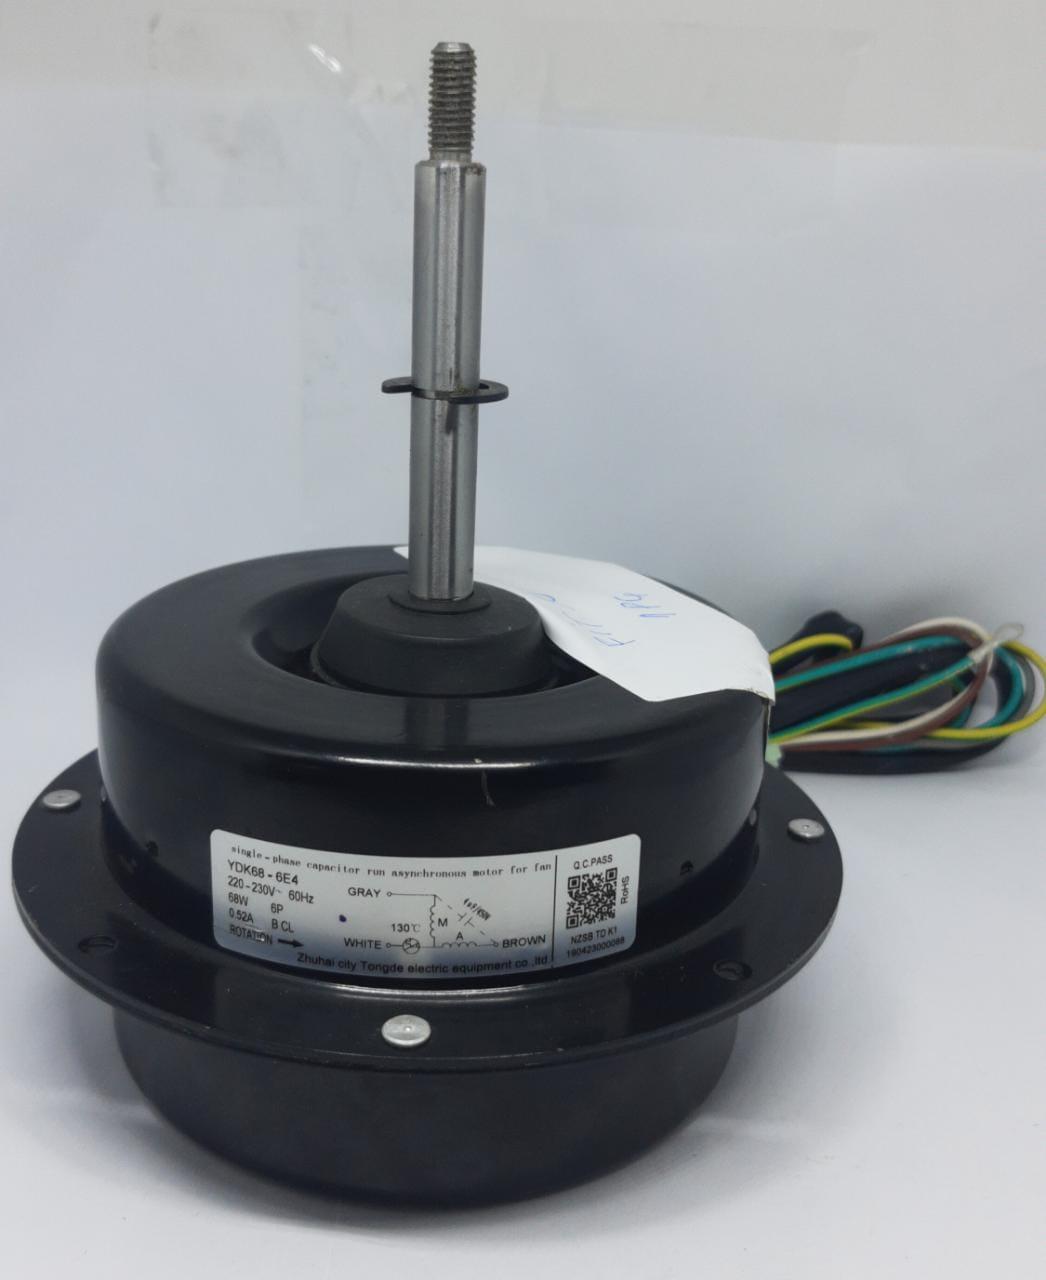 Motor Ventilador Condensadora 30.000 Btus Agratto Fit Ccs30 Original